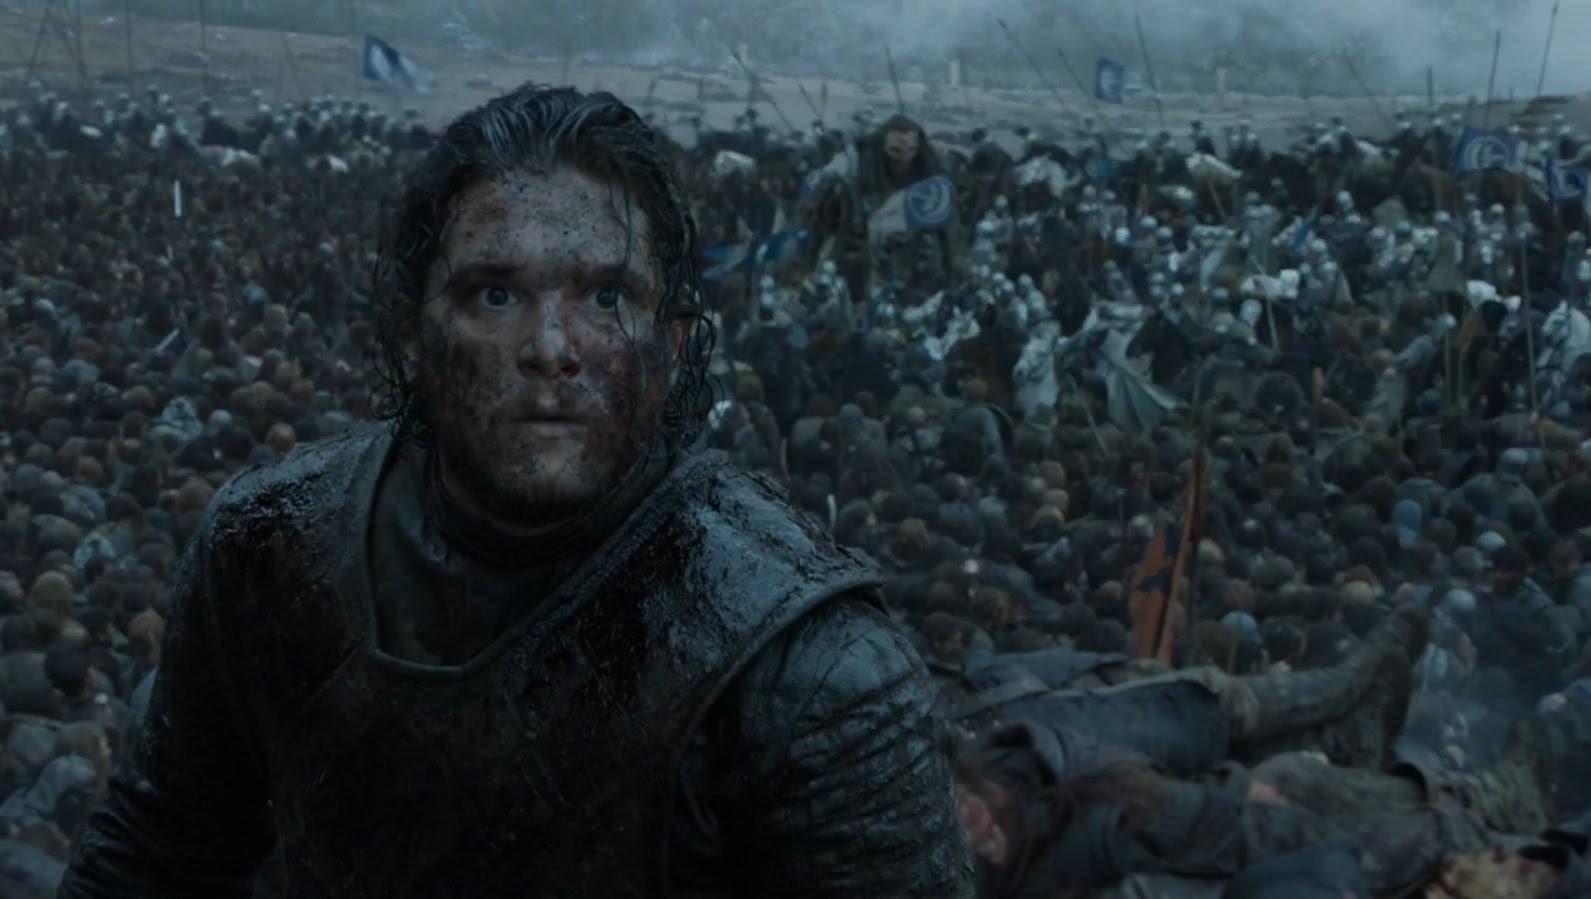 La Batalla de los Bastardos  - Jon Nieve